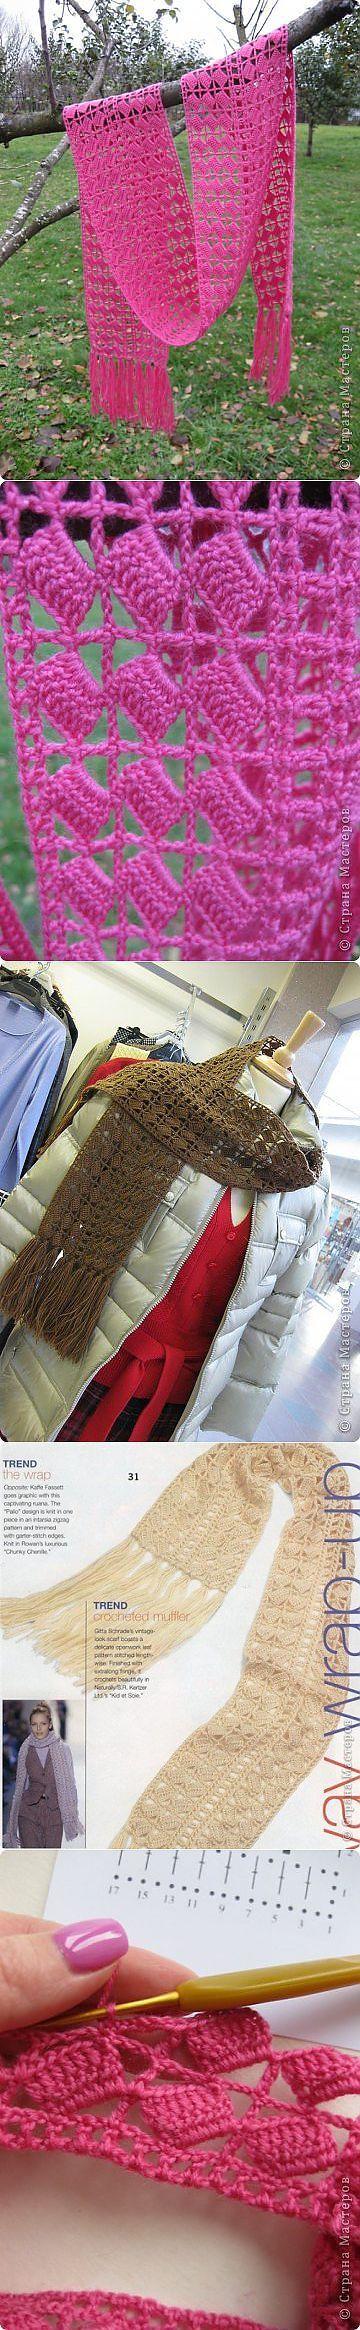 Шарф женский крючком, вязаные шарфы крючком схемы | Лаборатория домашнего хозяйства